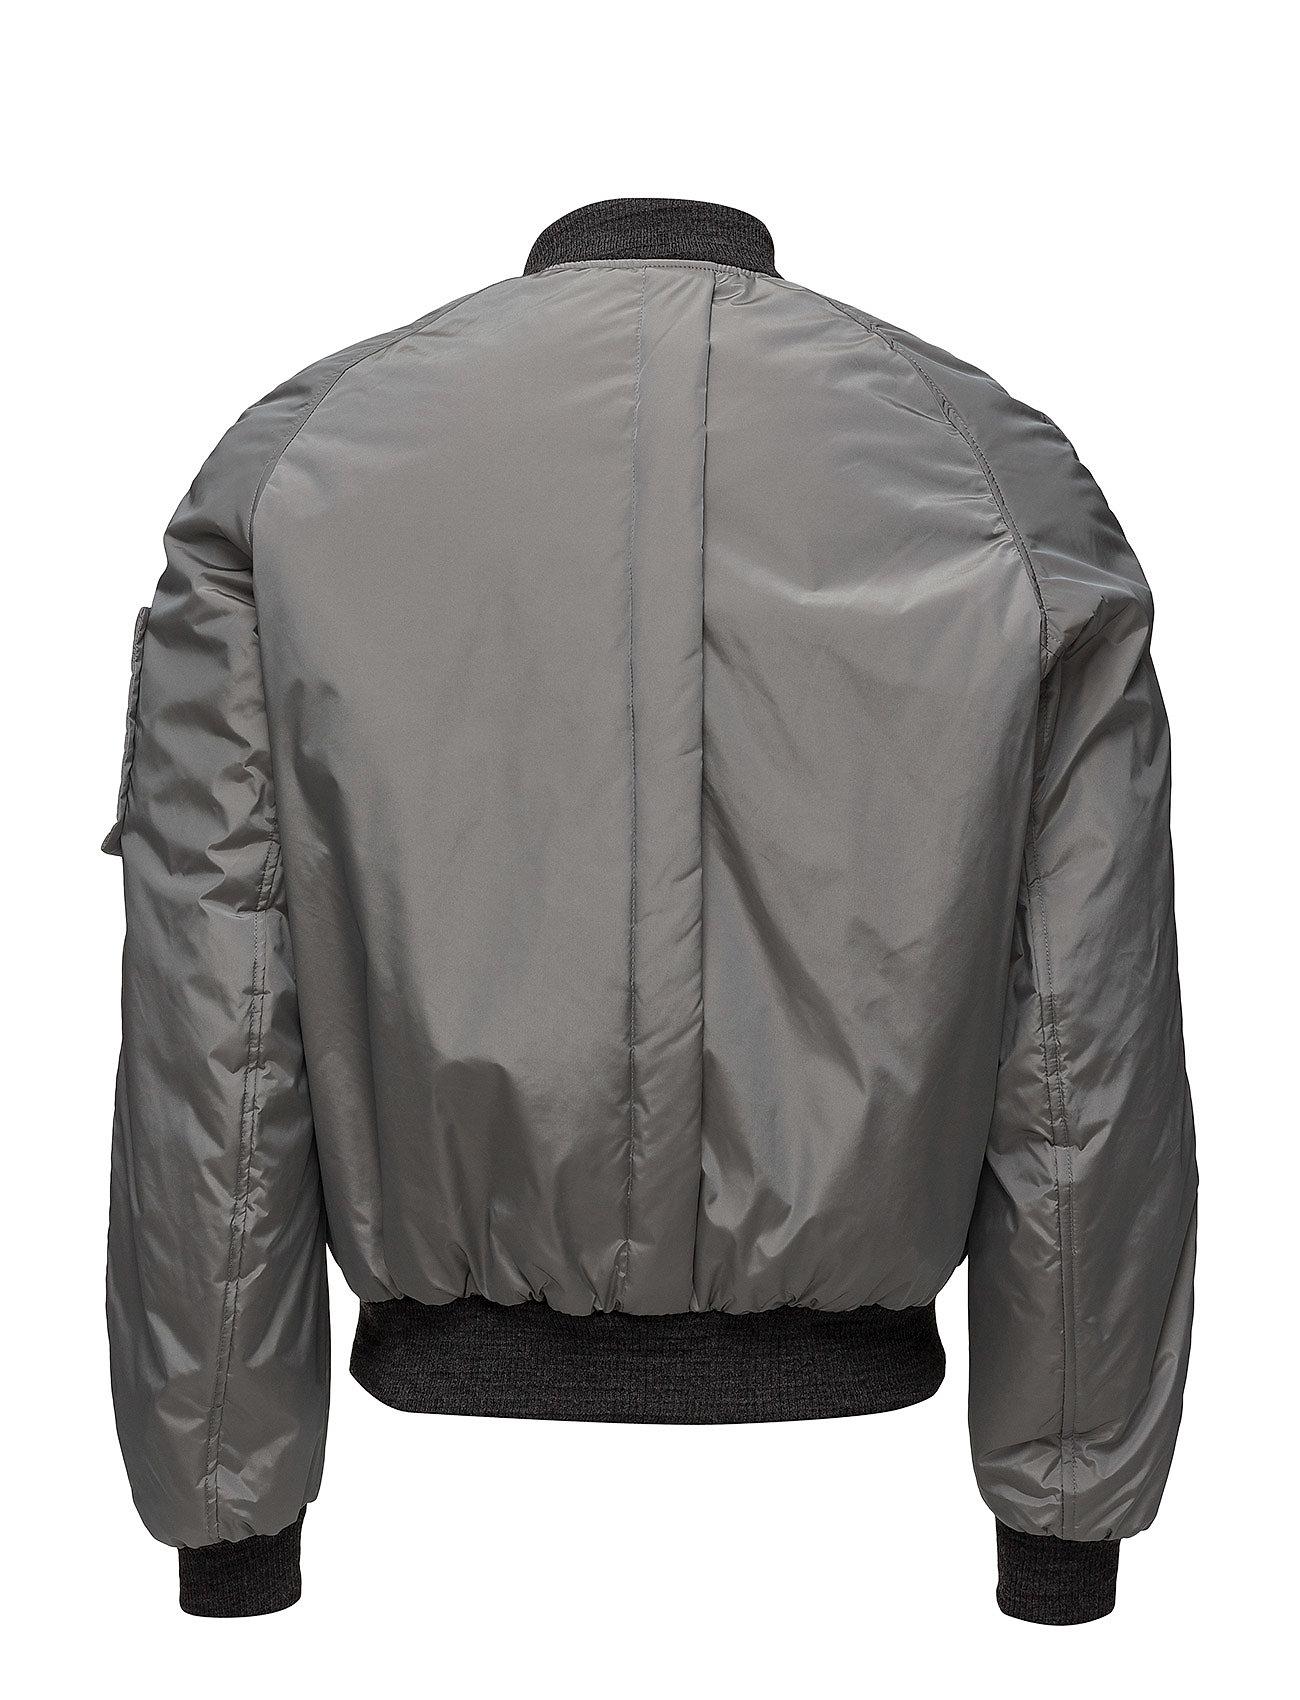 3a91860f9559 Tonsure Bomber Jacket Jacket Jacket Ytterkläder e587c6 Tonsure Bomber Jacket  Jacket Jacket Ytterkläder e587c6 ...